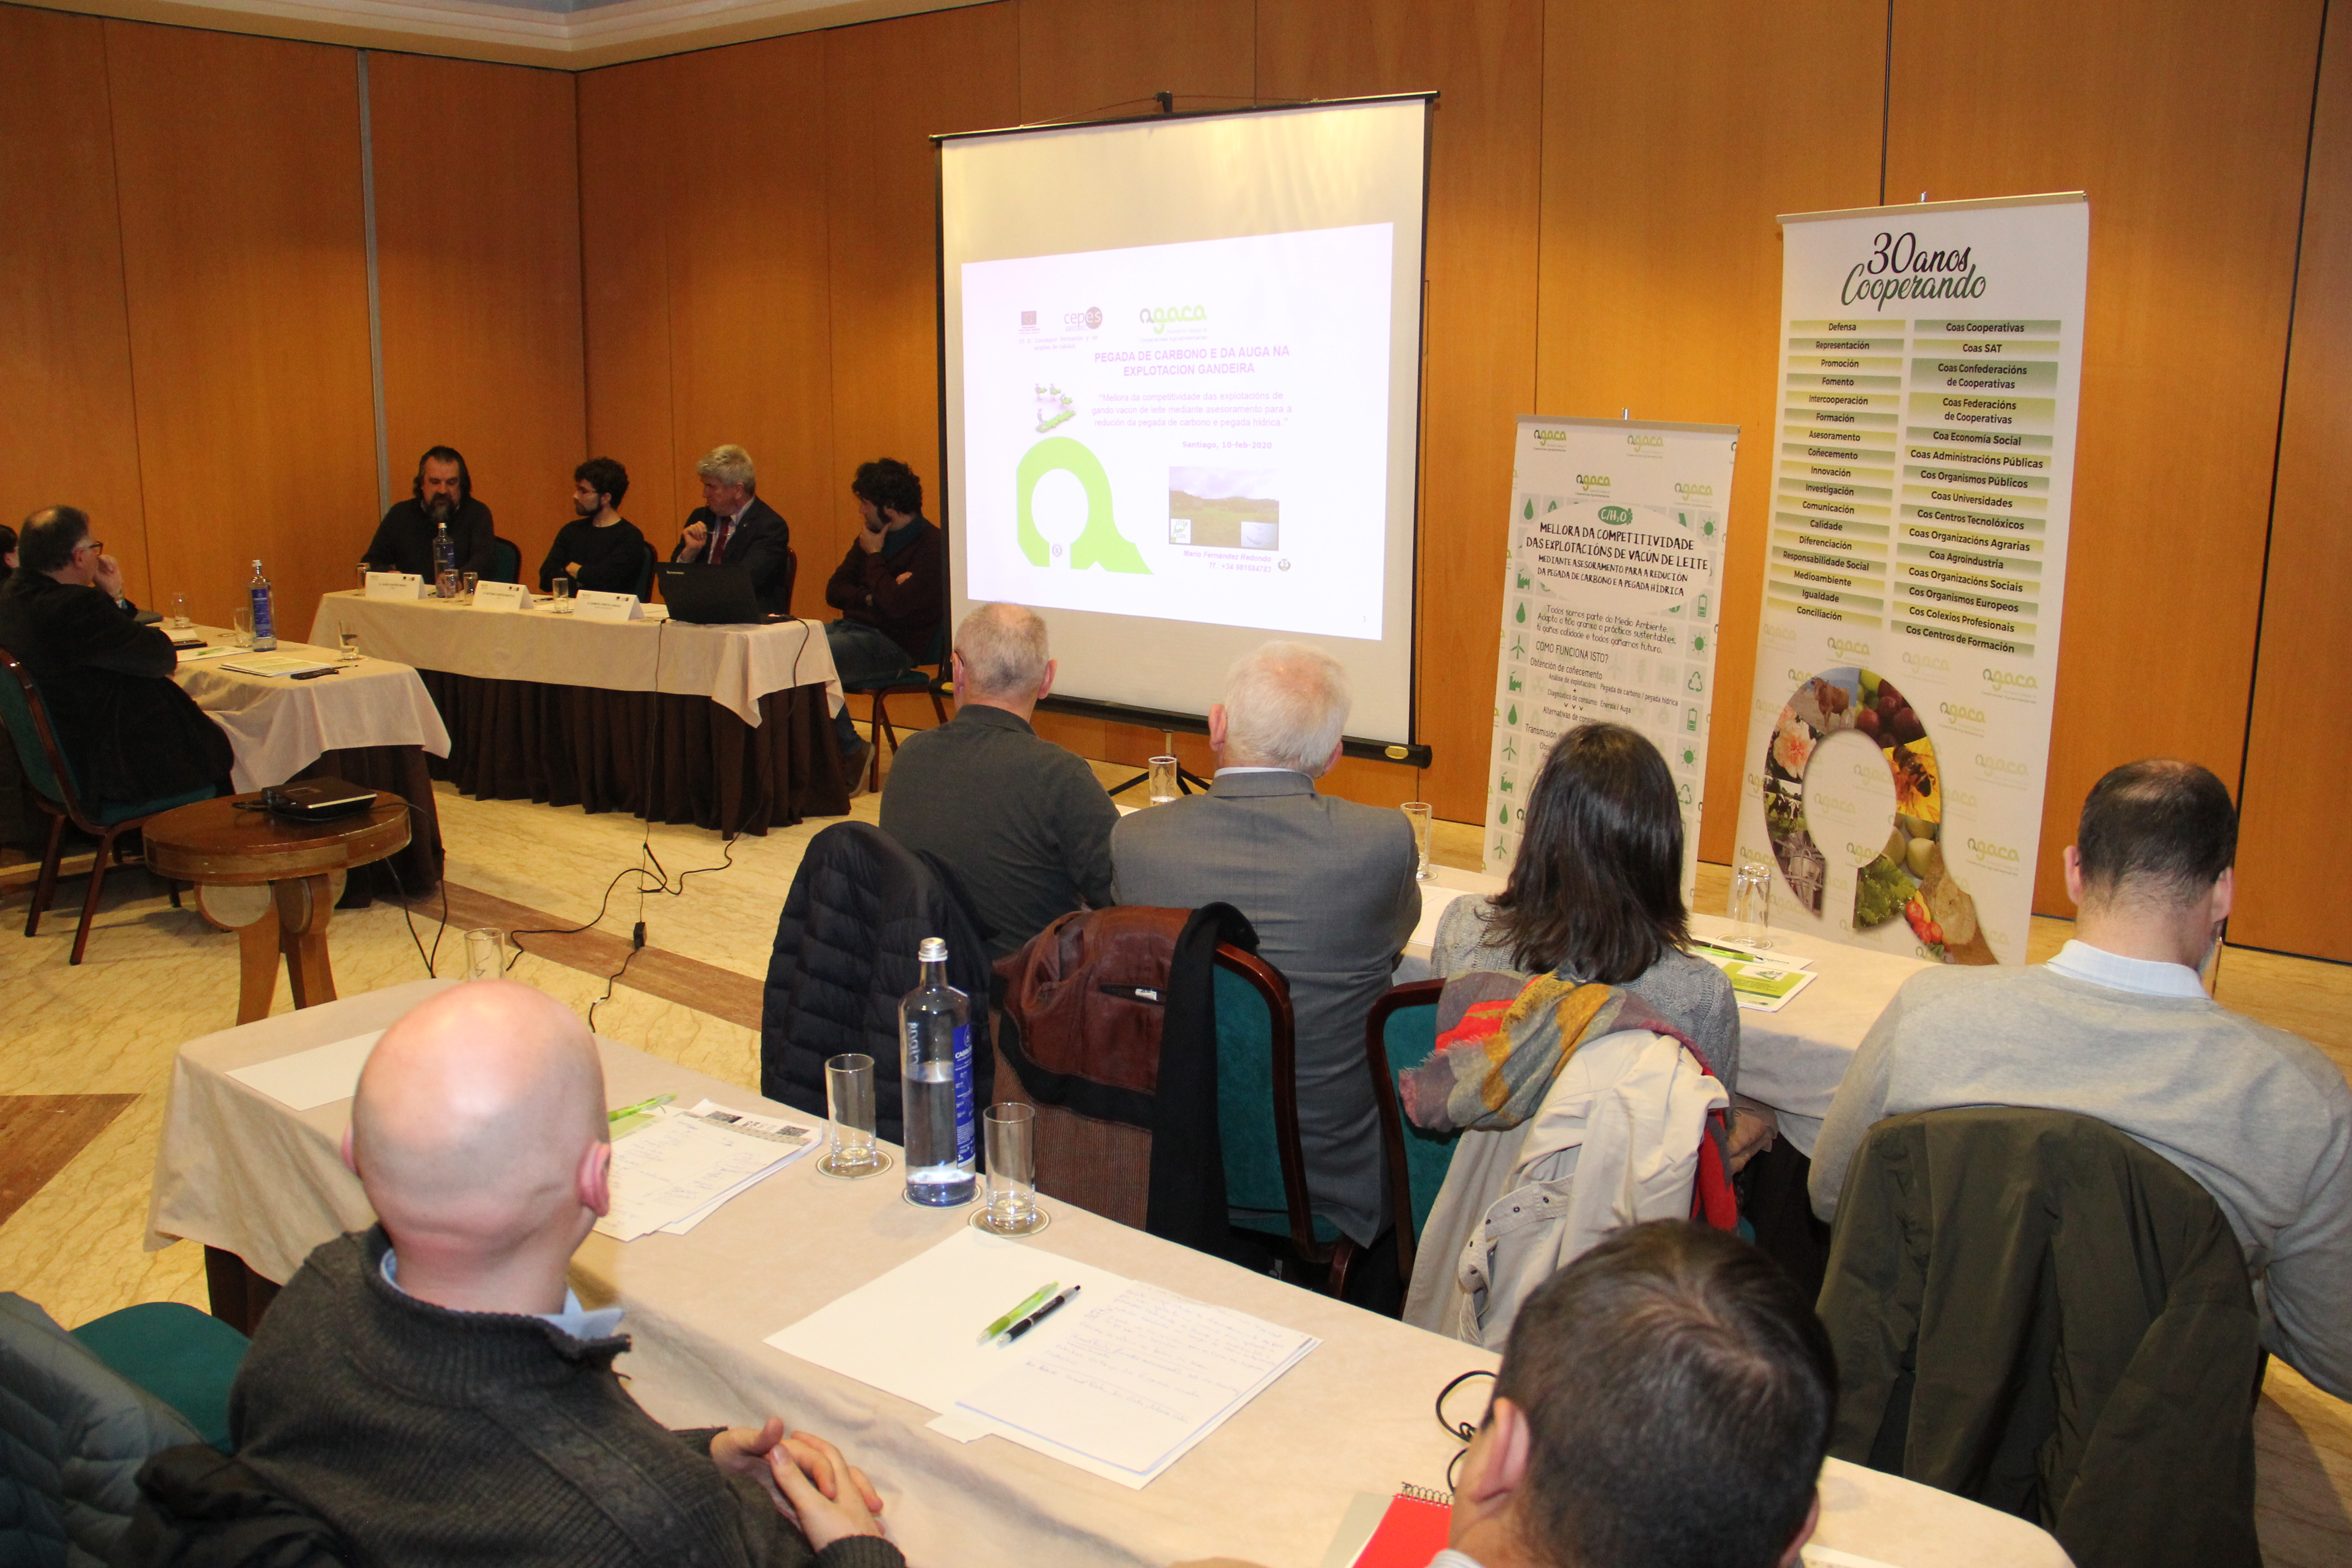 Agaca presenta resultados de un estudio sobre huella da agua y de carbono en la producción de leche, desarrollado en el marco de CEPES